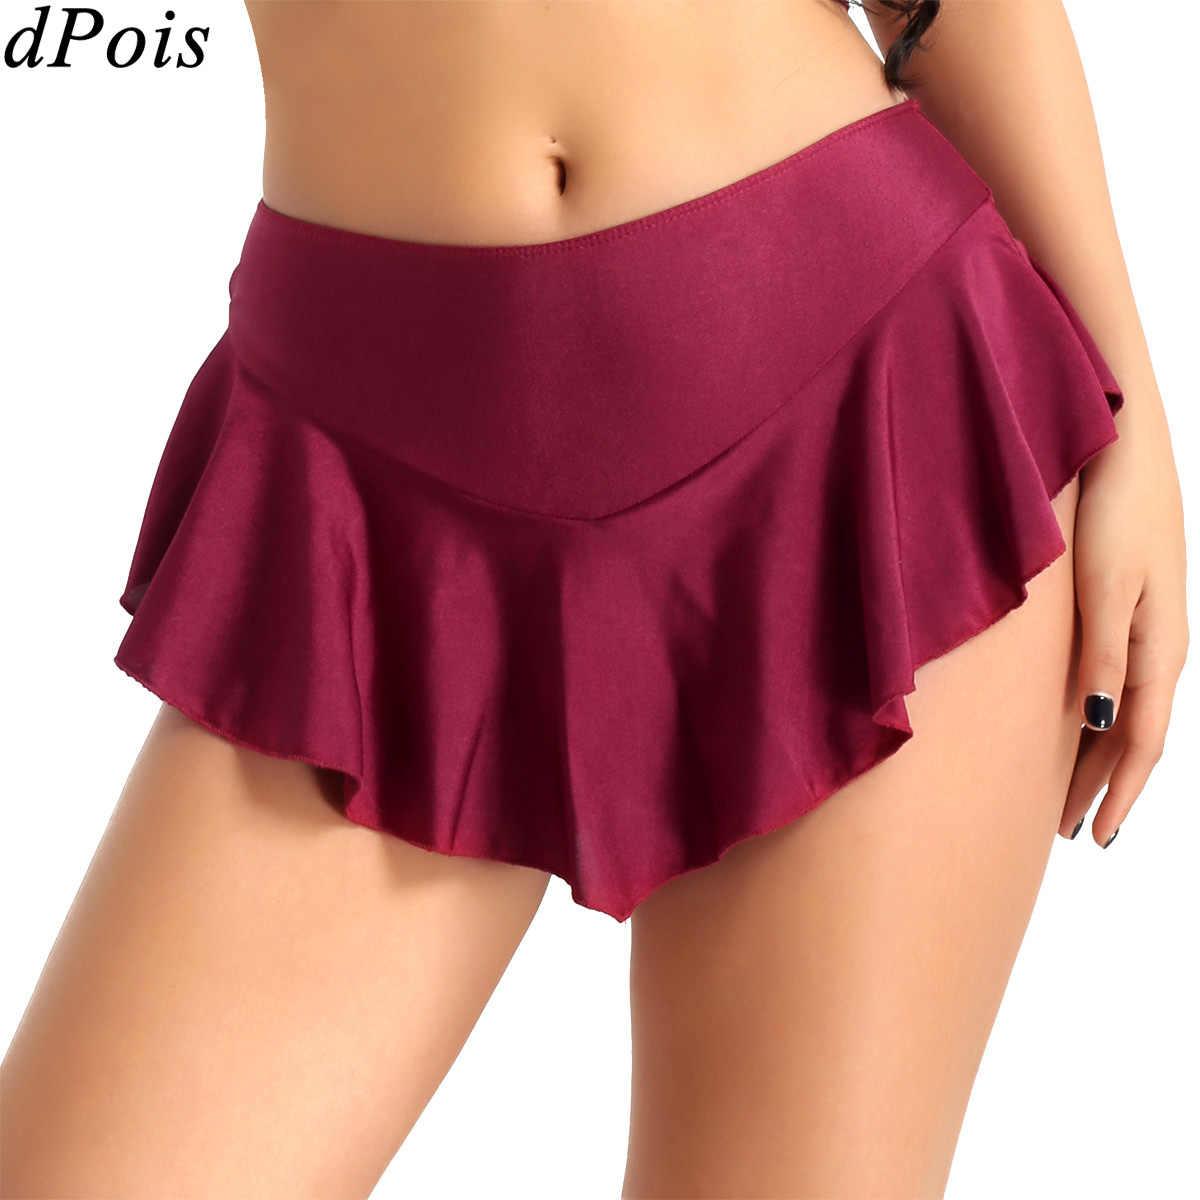 Las mujeres elástico falda de tenis con pantalones cortos de patinaje Mini falda Falda corta bádminton de gimnasia traje para niñas